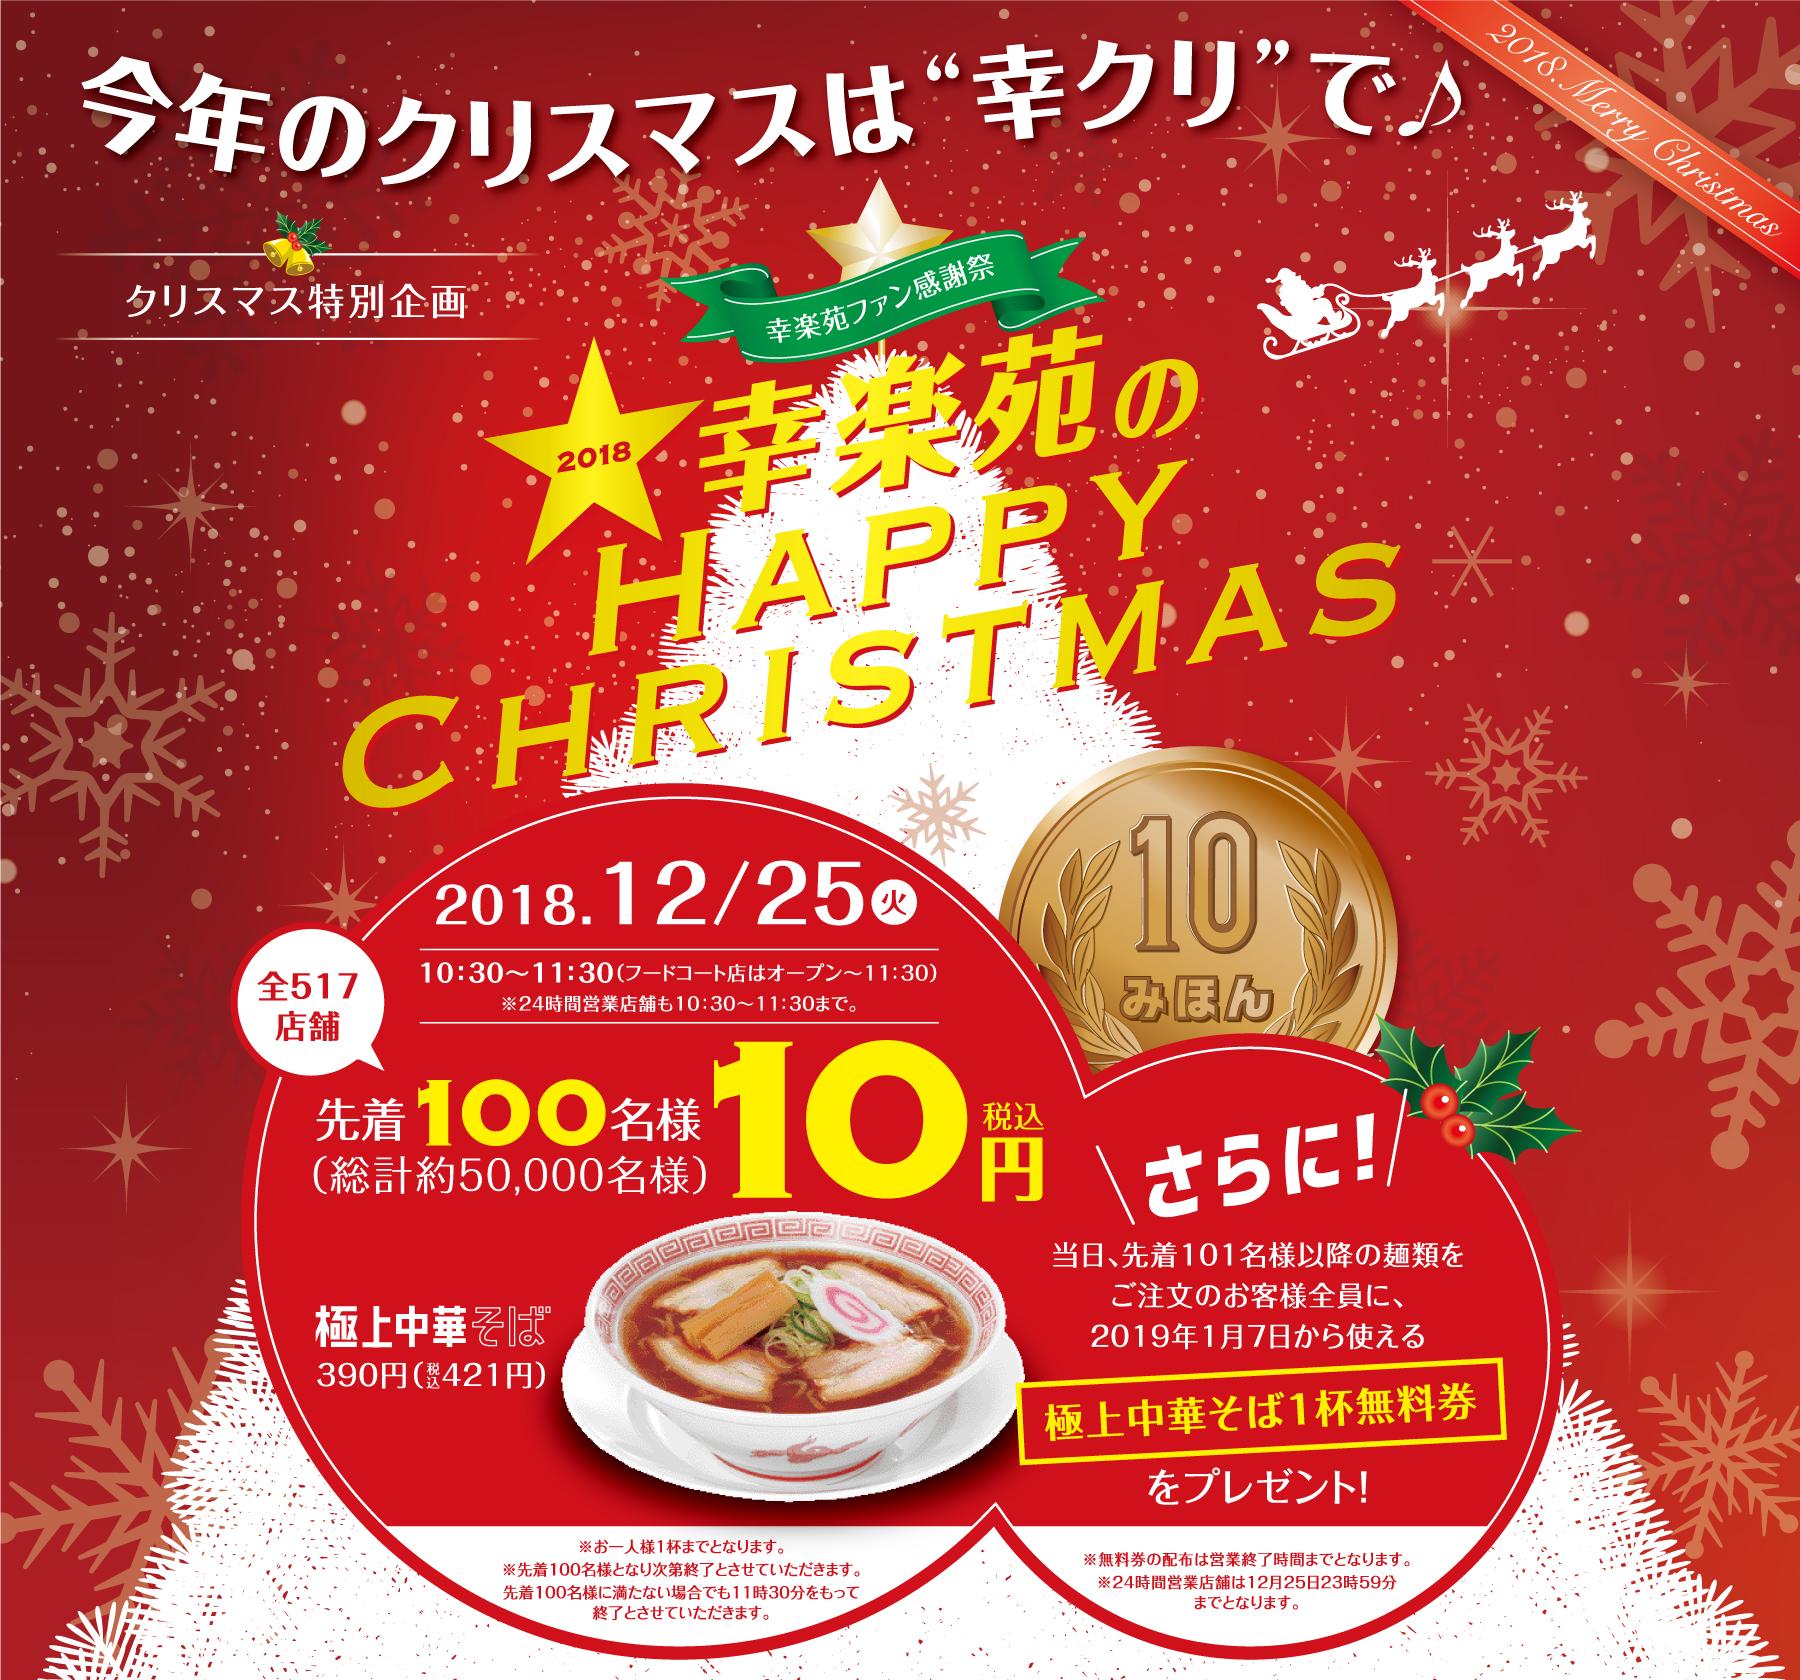 幸楽苑でラーメンが各店舗先着100名、合計5万名に10円セール。10:30~11:30。先着に入れなくても1杯食べると無料券がもらえる。11/29,12/6限定。